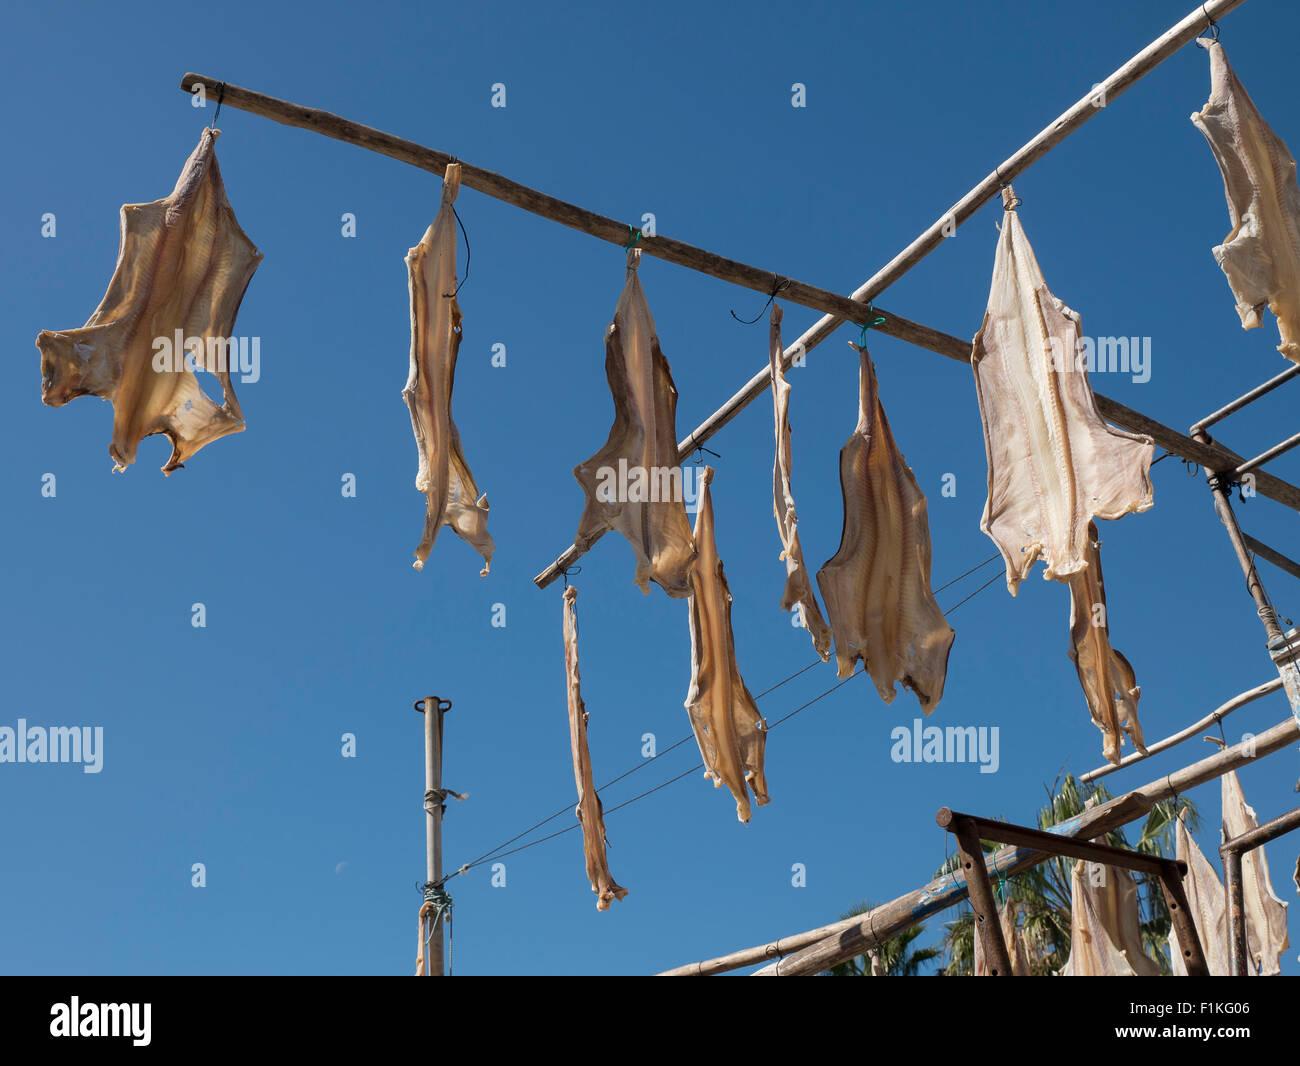 Drying Fish, Camara de Lobos, Madeira, Portugal - Stock Image